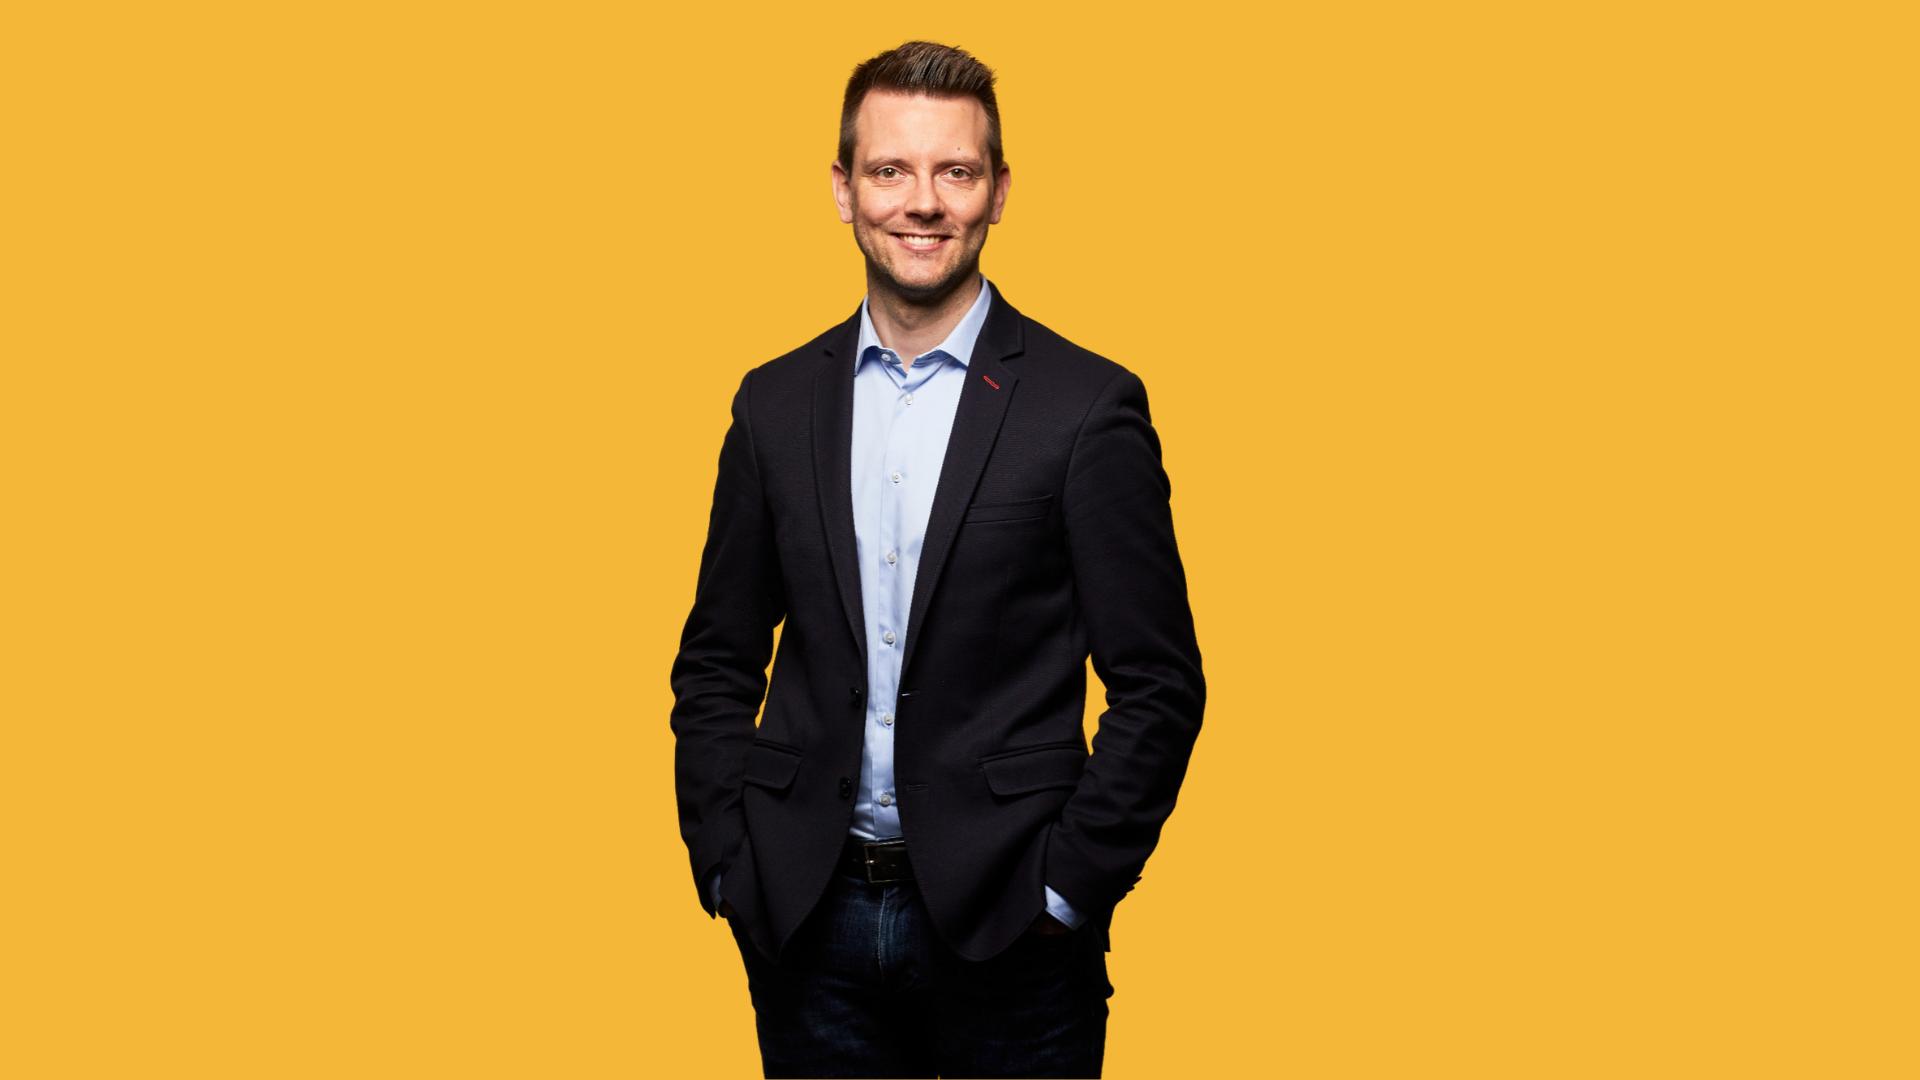 Simon Bujanowski, Kandidat Bezirksbürgermeister für Porz und Poll